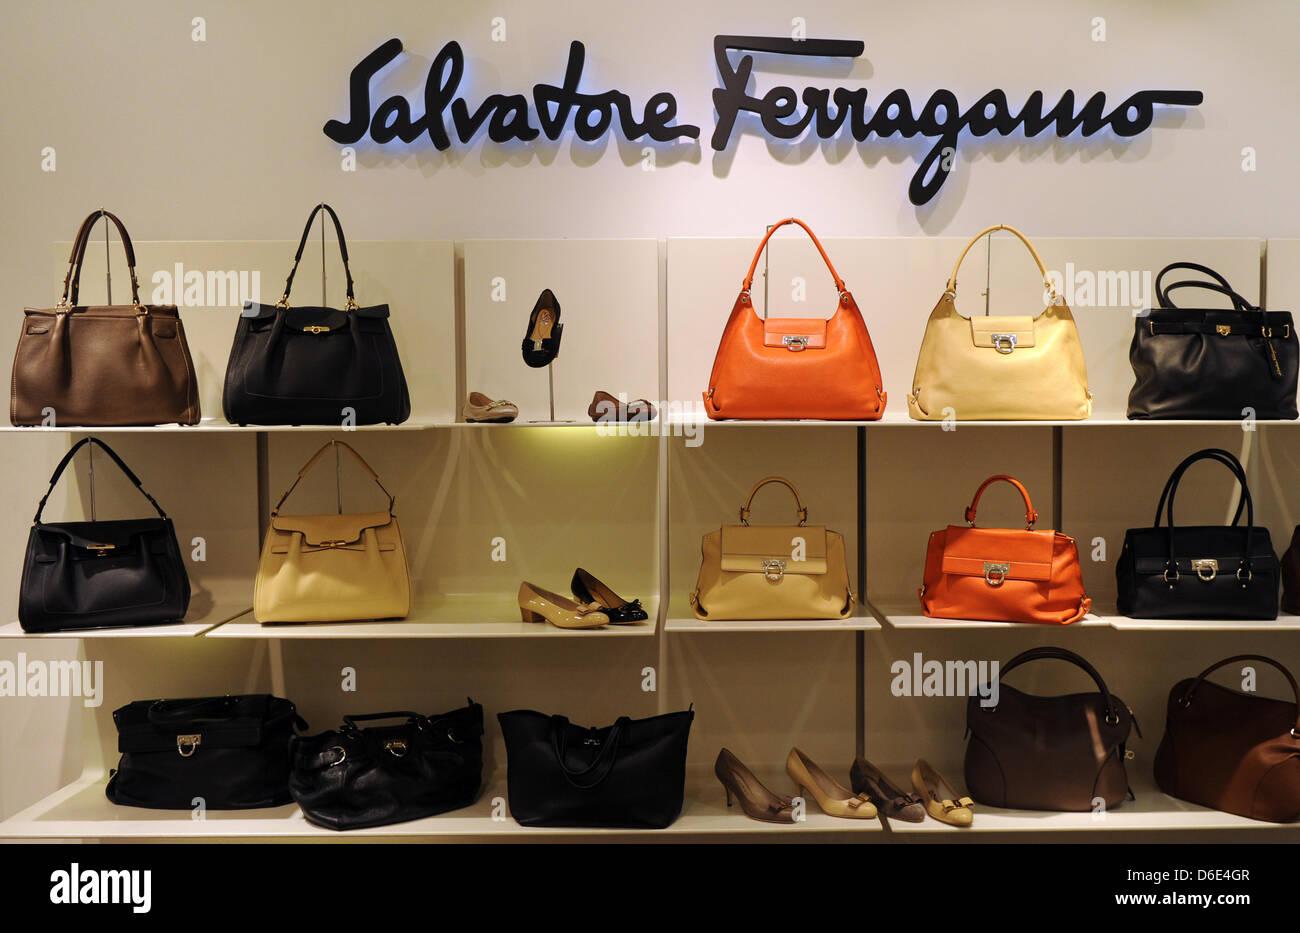 cieco comprare nuovo di alta qualità Borse e scarpe di marca di lusso Salvatore Ferragamo, raffigurato ...